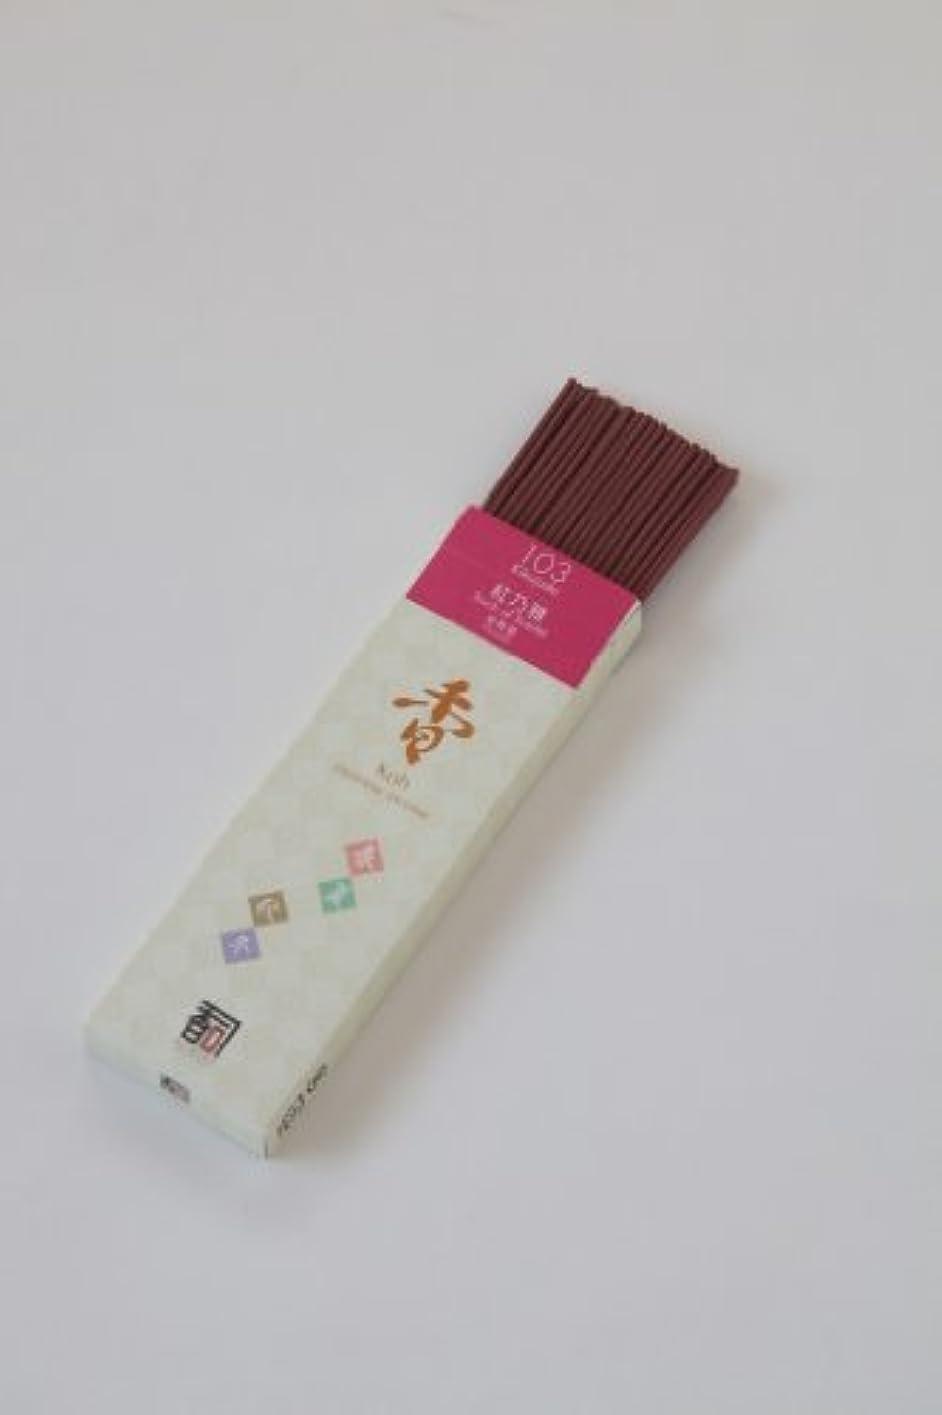 エロチック提供ポルノ「あわじ島の香司」 日本の香りシリーズ (春夏秋冬) 【103】  ◆紅乃雅◆